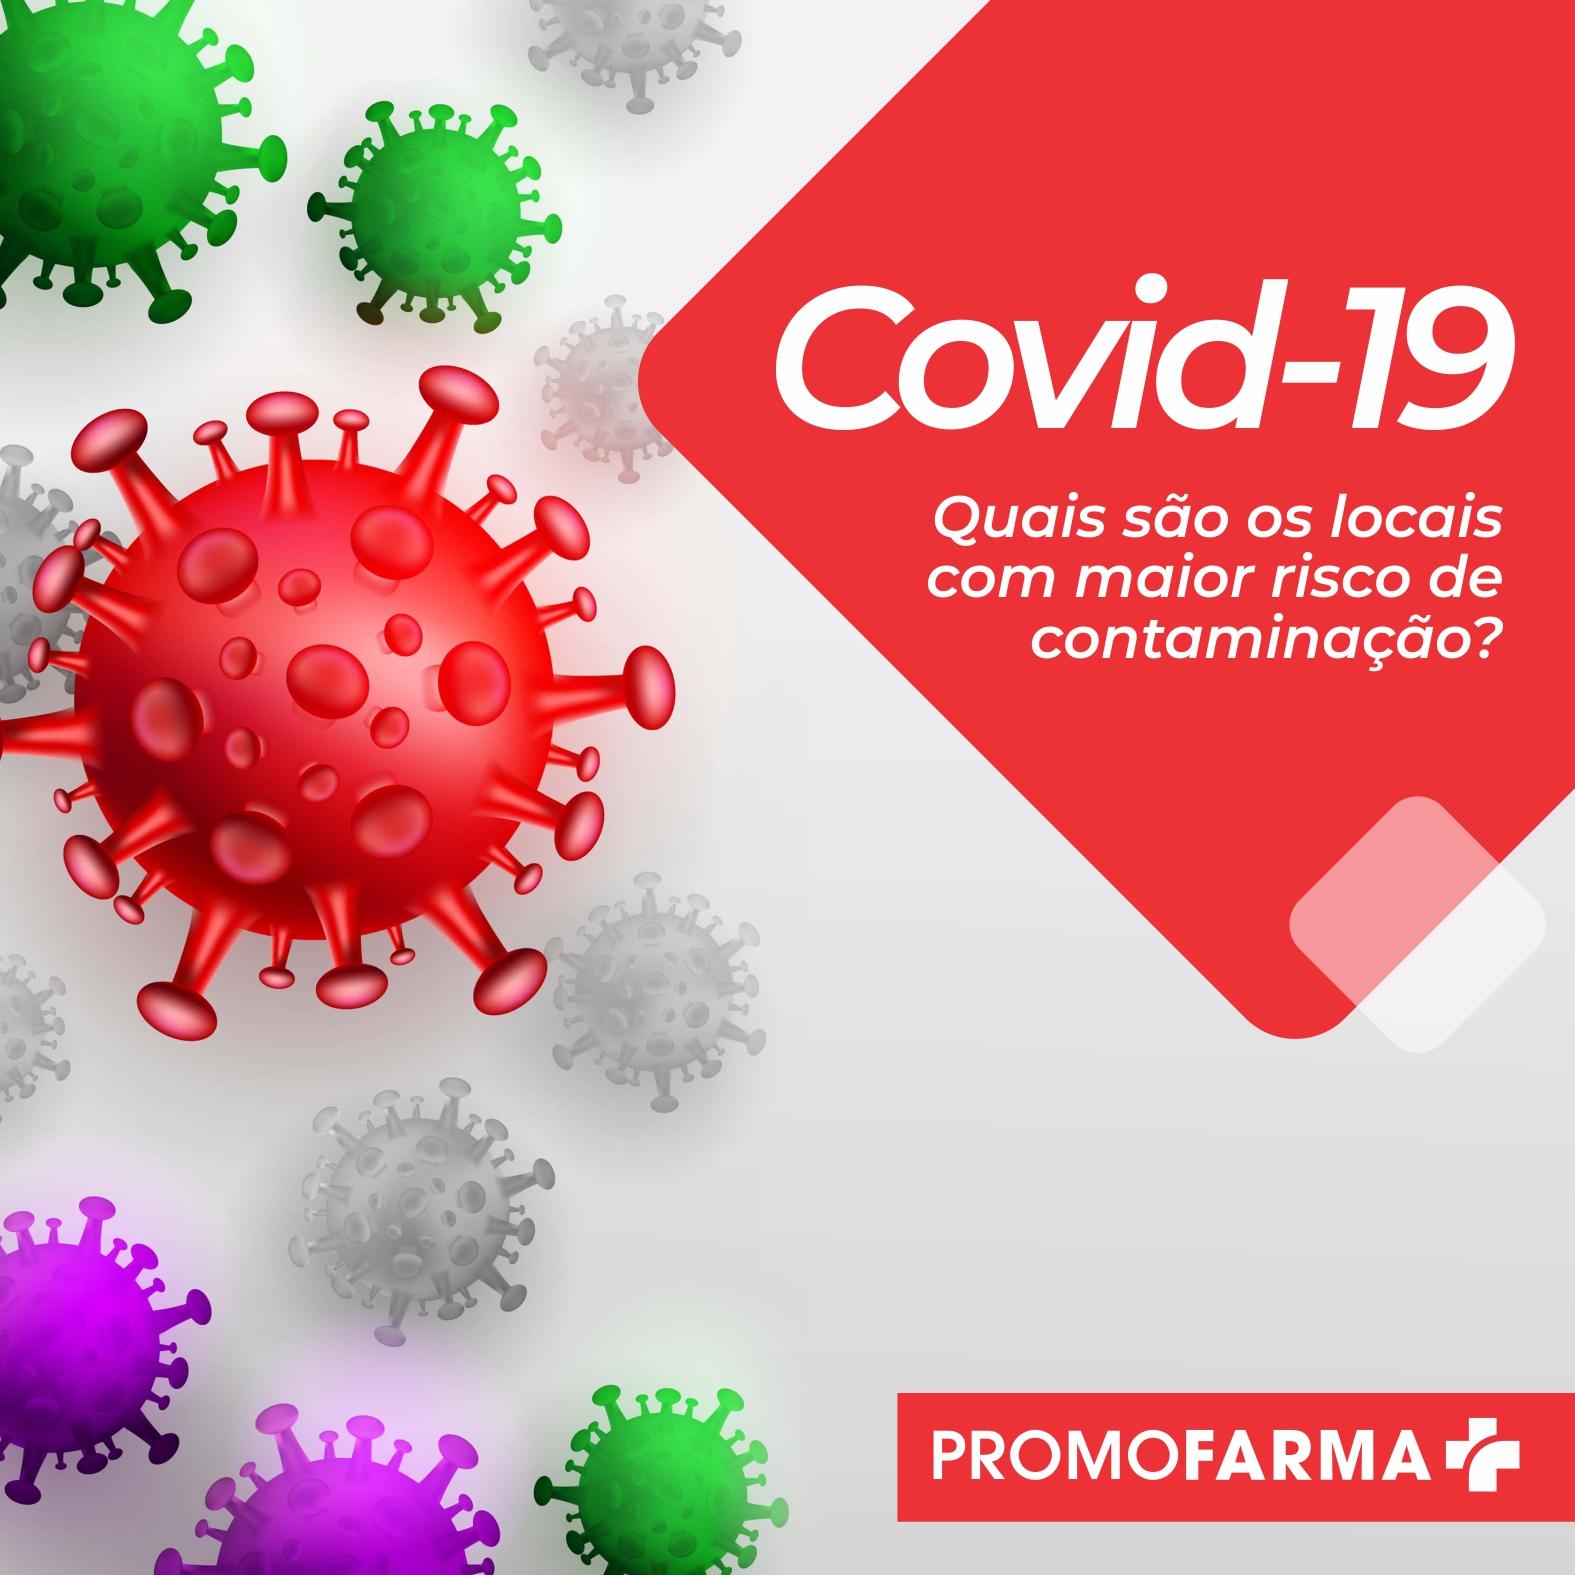 Você sabe quais são os locais com maior risco de contaminação de Covid-19?